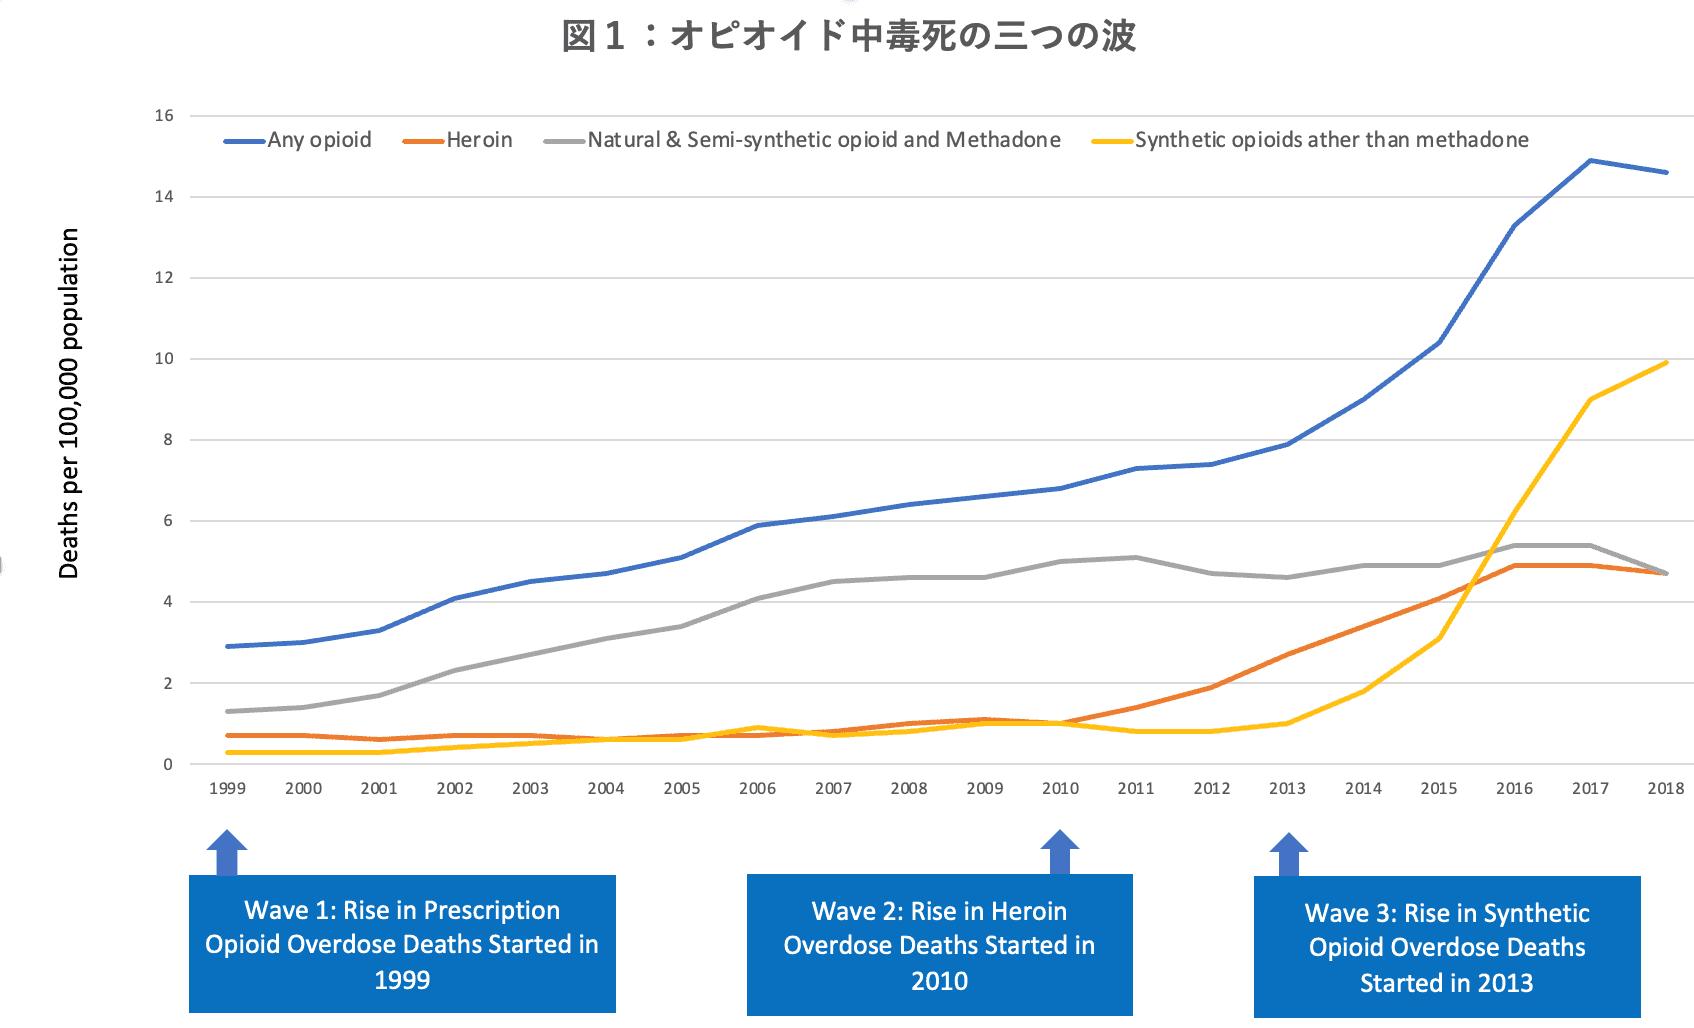 図1:オピオイド中毒死の三つの波(10万人あたりの死者数)